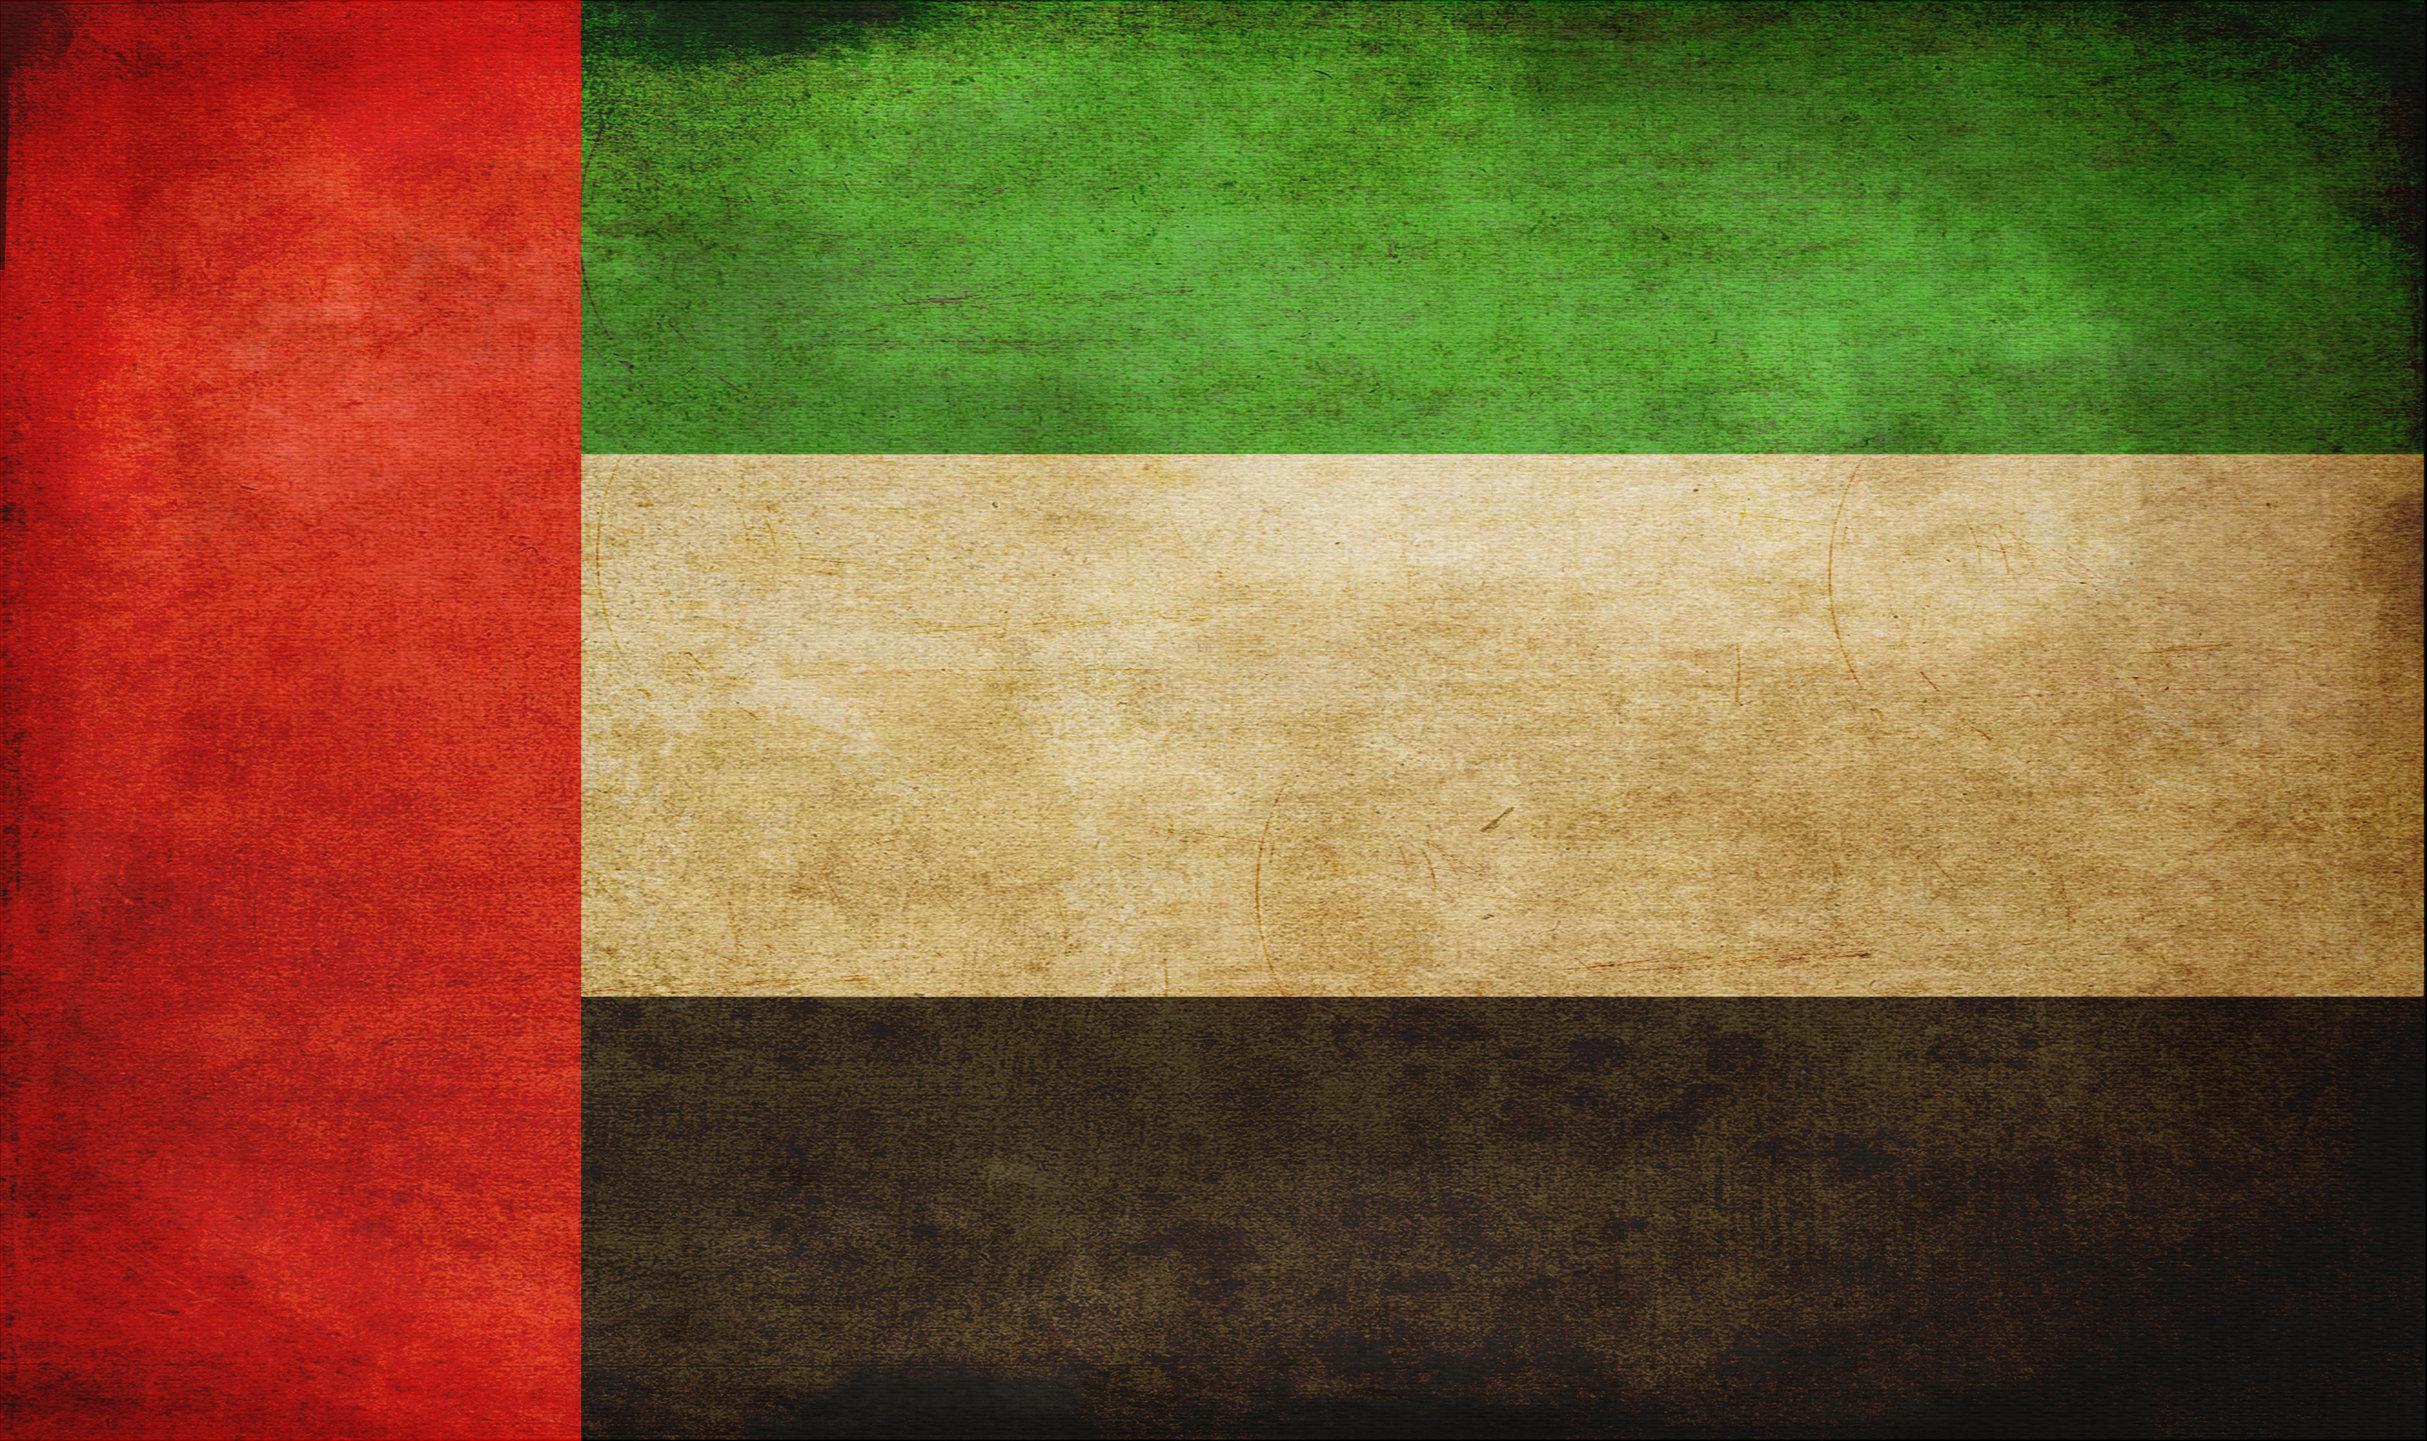 United Arab Emirates - Grunge by tonemapped on DeviantArt